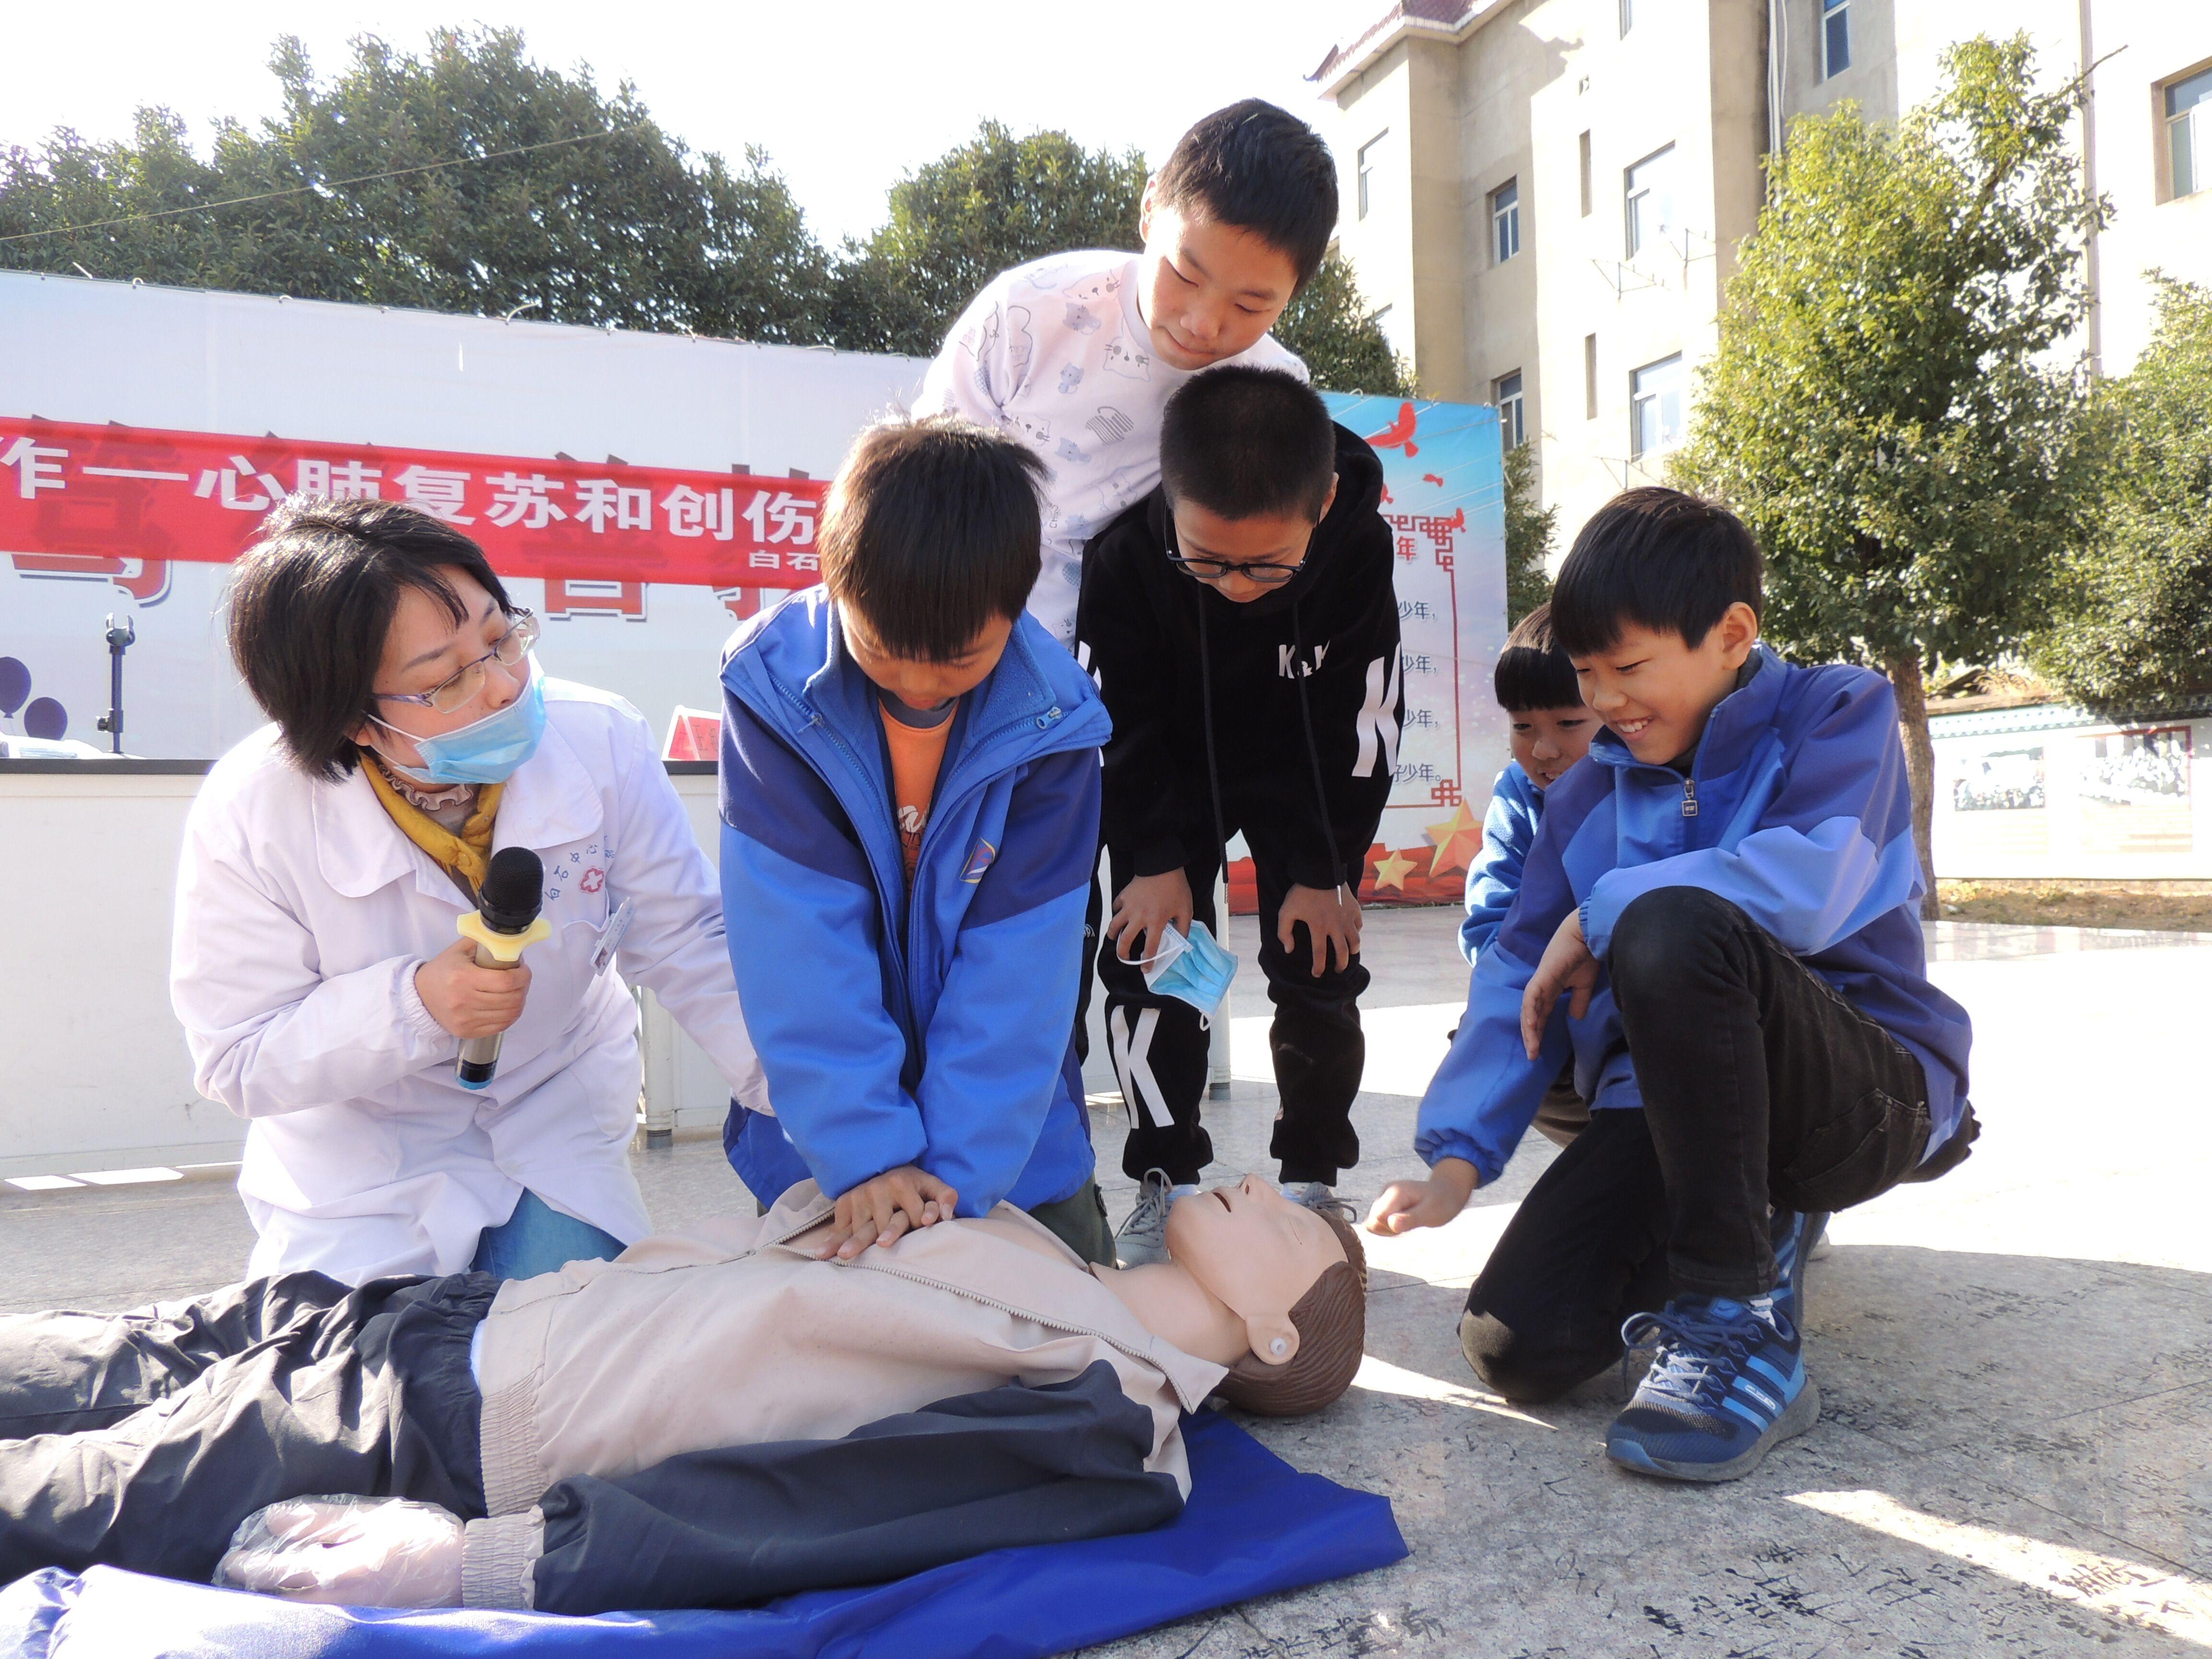 常山县白石小学教卫合作为学生健康成长保驾护